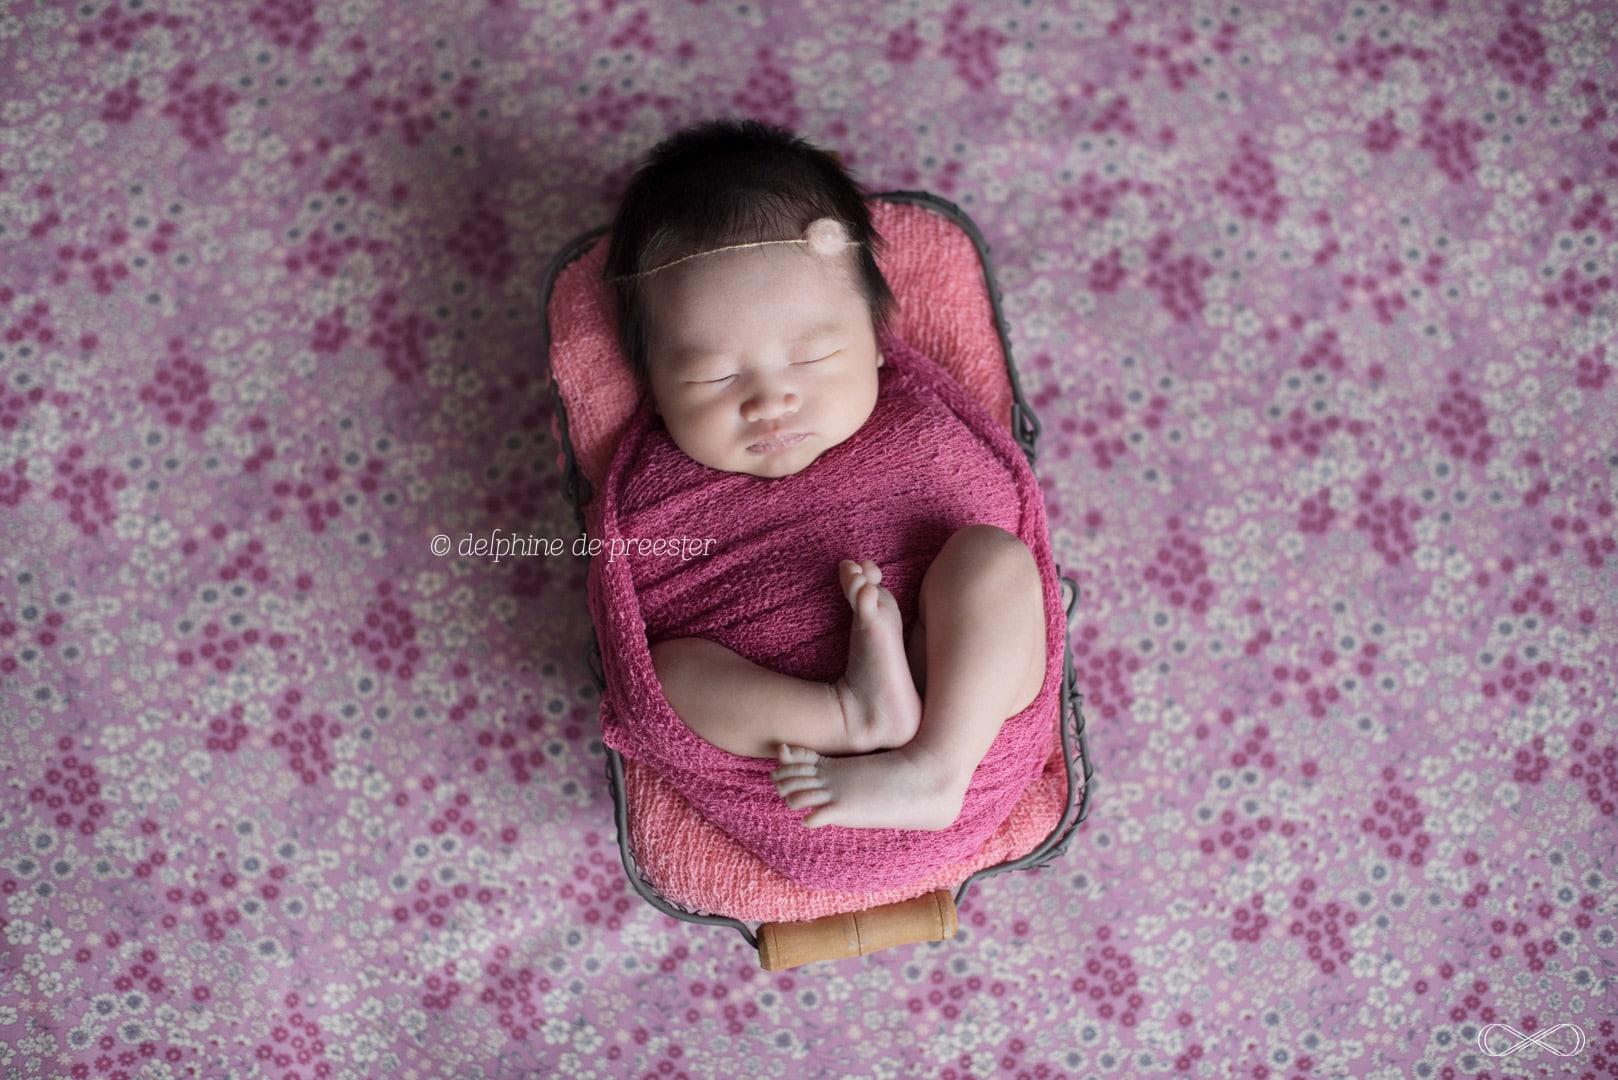 photos de bébé dans un panier